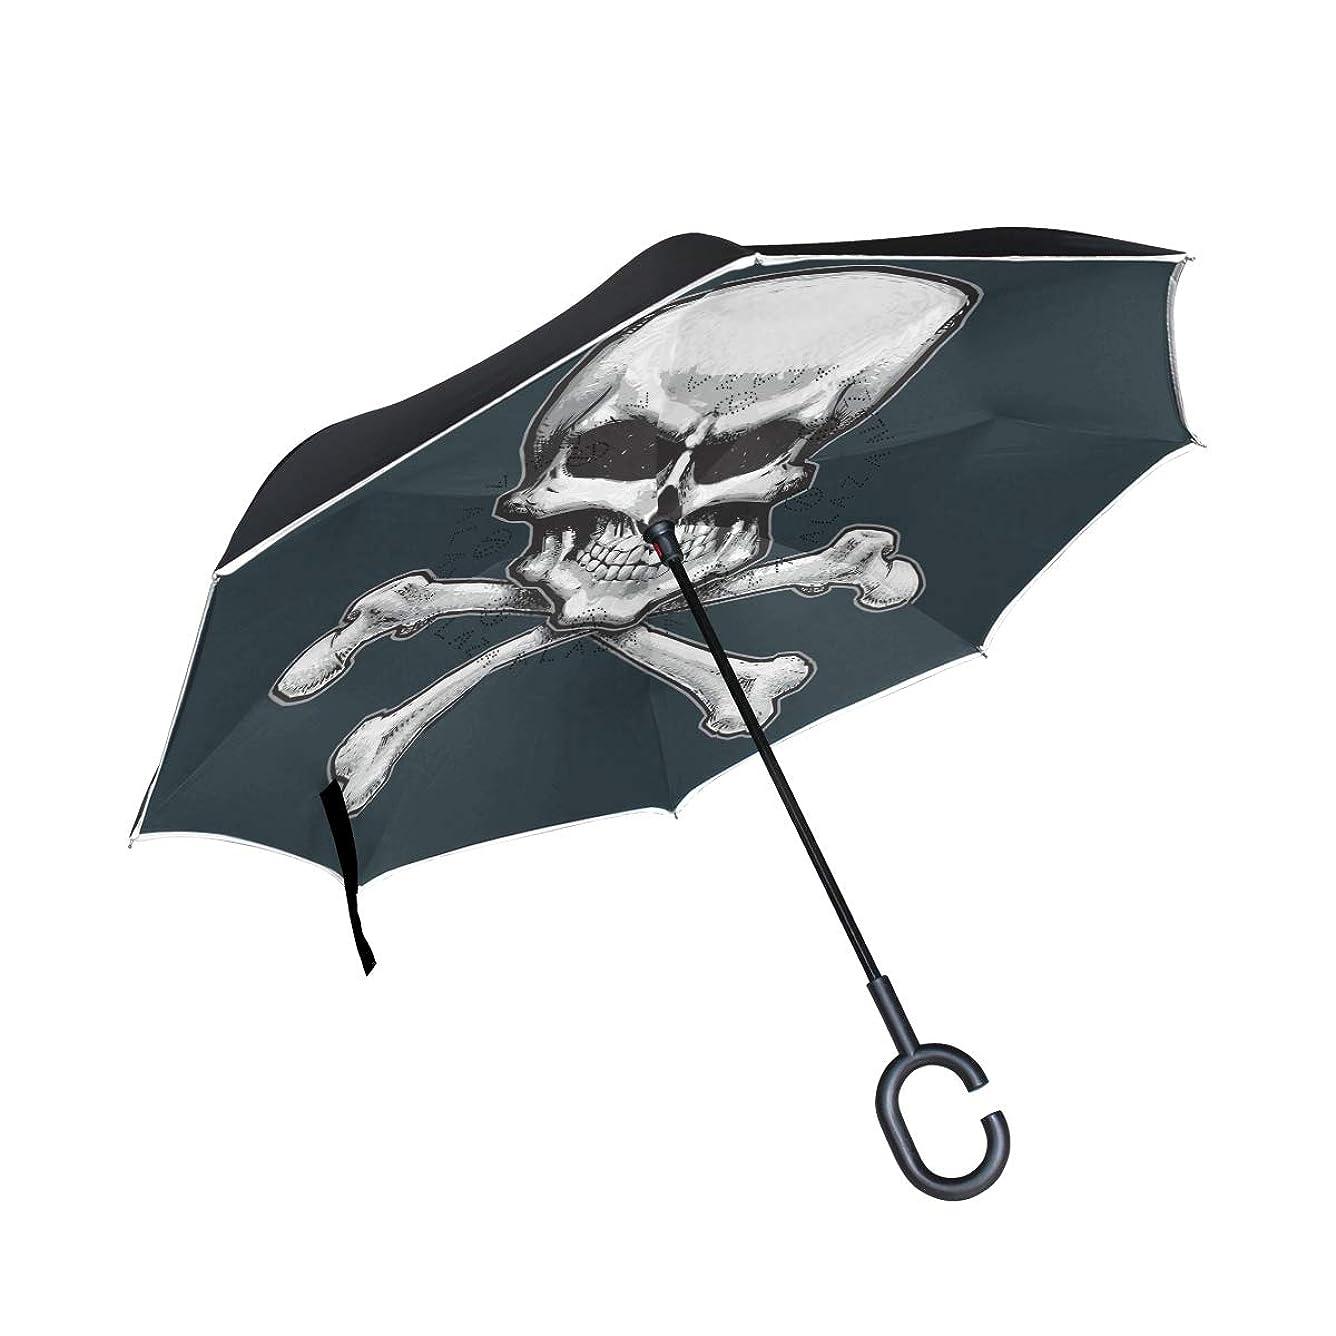 グローバル手綱せせらぎLUYISI 逆さ傘 長傘 逆折り式傘 スカル 髑髏柄 自立傘 UVカット 撥水 耐風 晴雨兼用 手離れC型手元 日傘 ビジネス 車用 124センチ